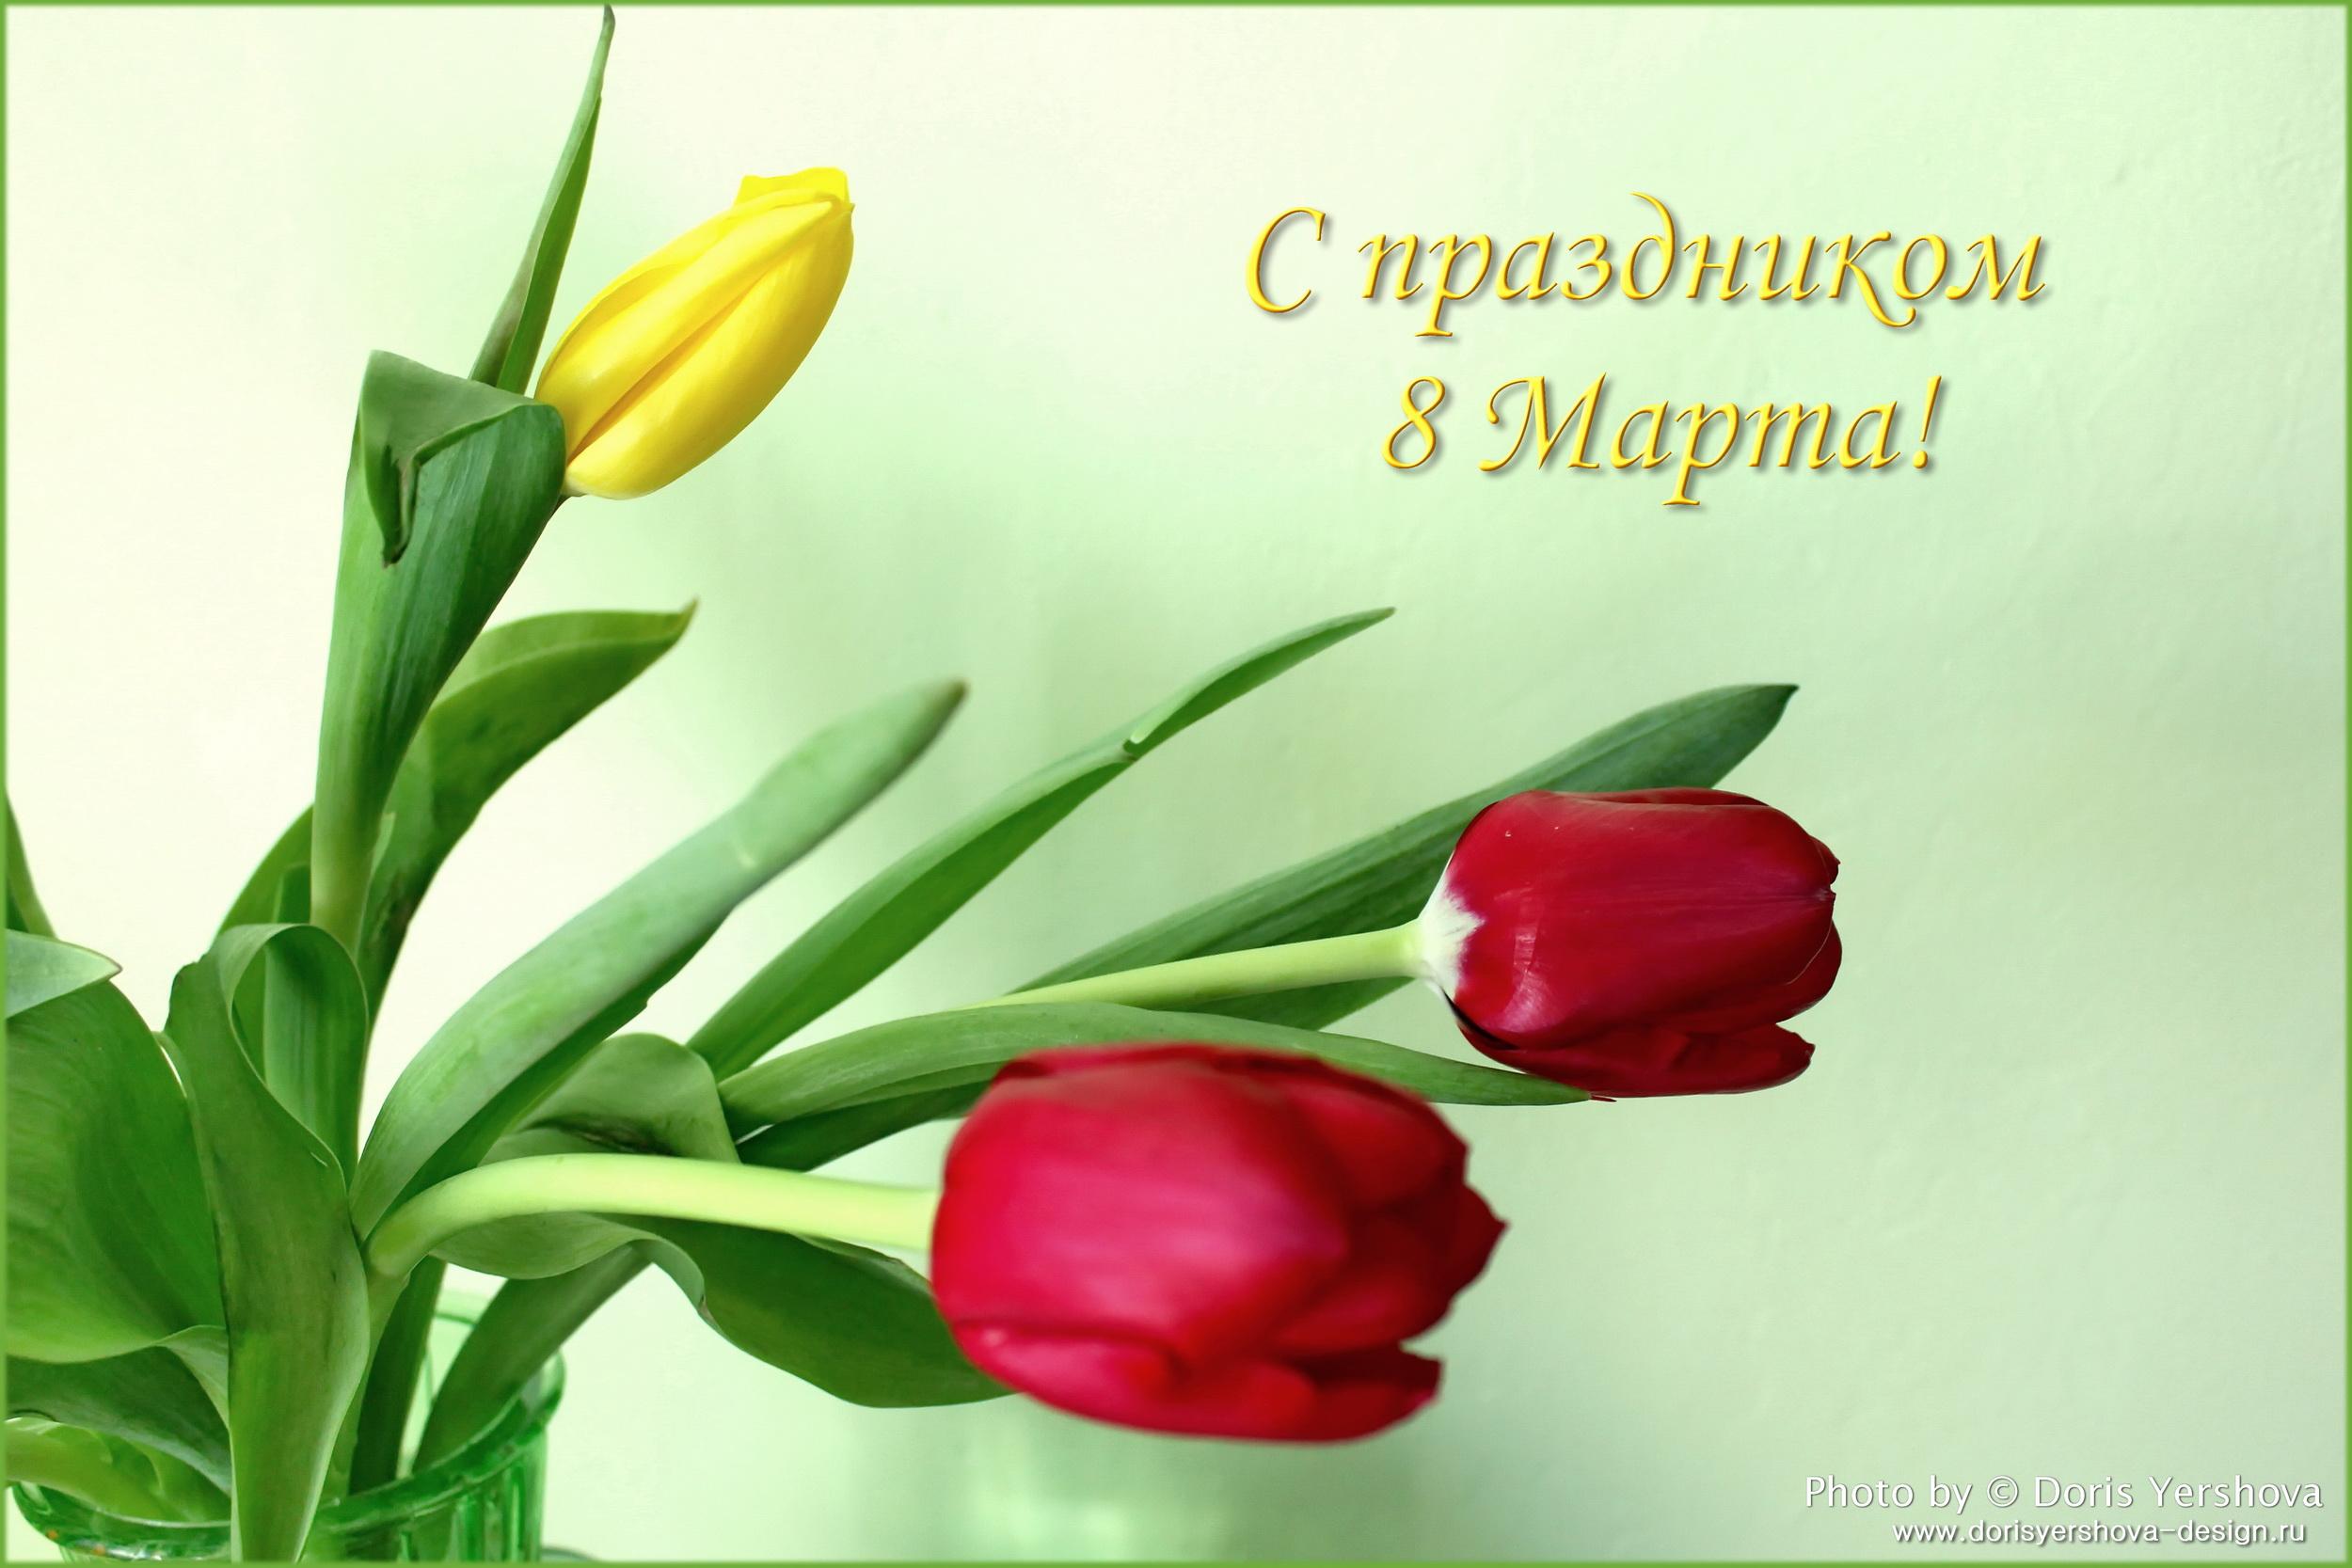 тюльпаны, фото Дорис Ершовой, с праздником 8 марта, цветы, весна, зеленый, желтый, бордо